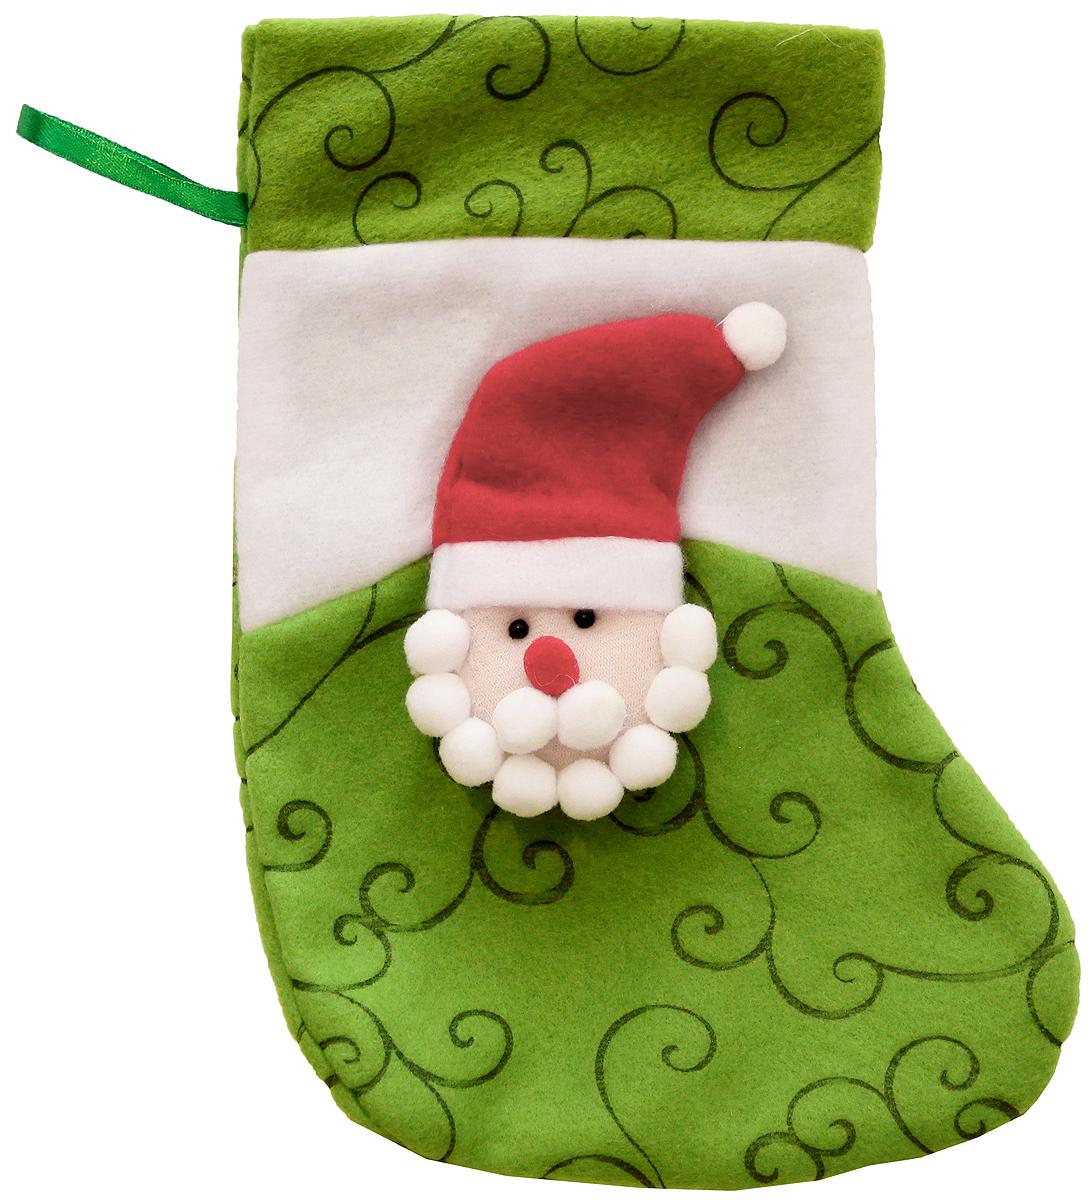 Мешок для подарков Феникс-Презент Носок. Дед Мороз, 24 x 13 см. 42519ML15240RМешок для подарков Феникс-Презент Носок. Дед Мороз выполнен из полиэстера в виде носка с изображением Деда Мороза. В мешочек можно спрятать подарки. С помощью специальной петельки украшение можно повесить в любом понравившемся вам месте.